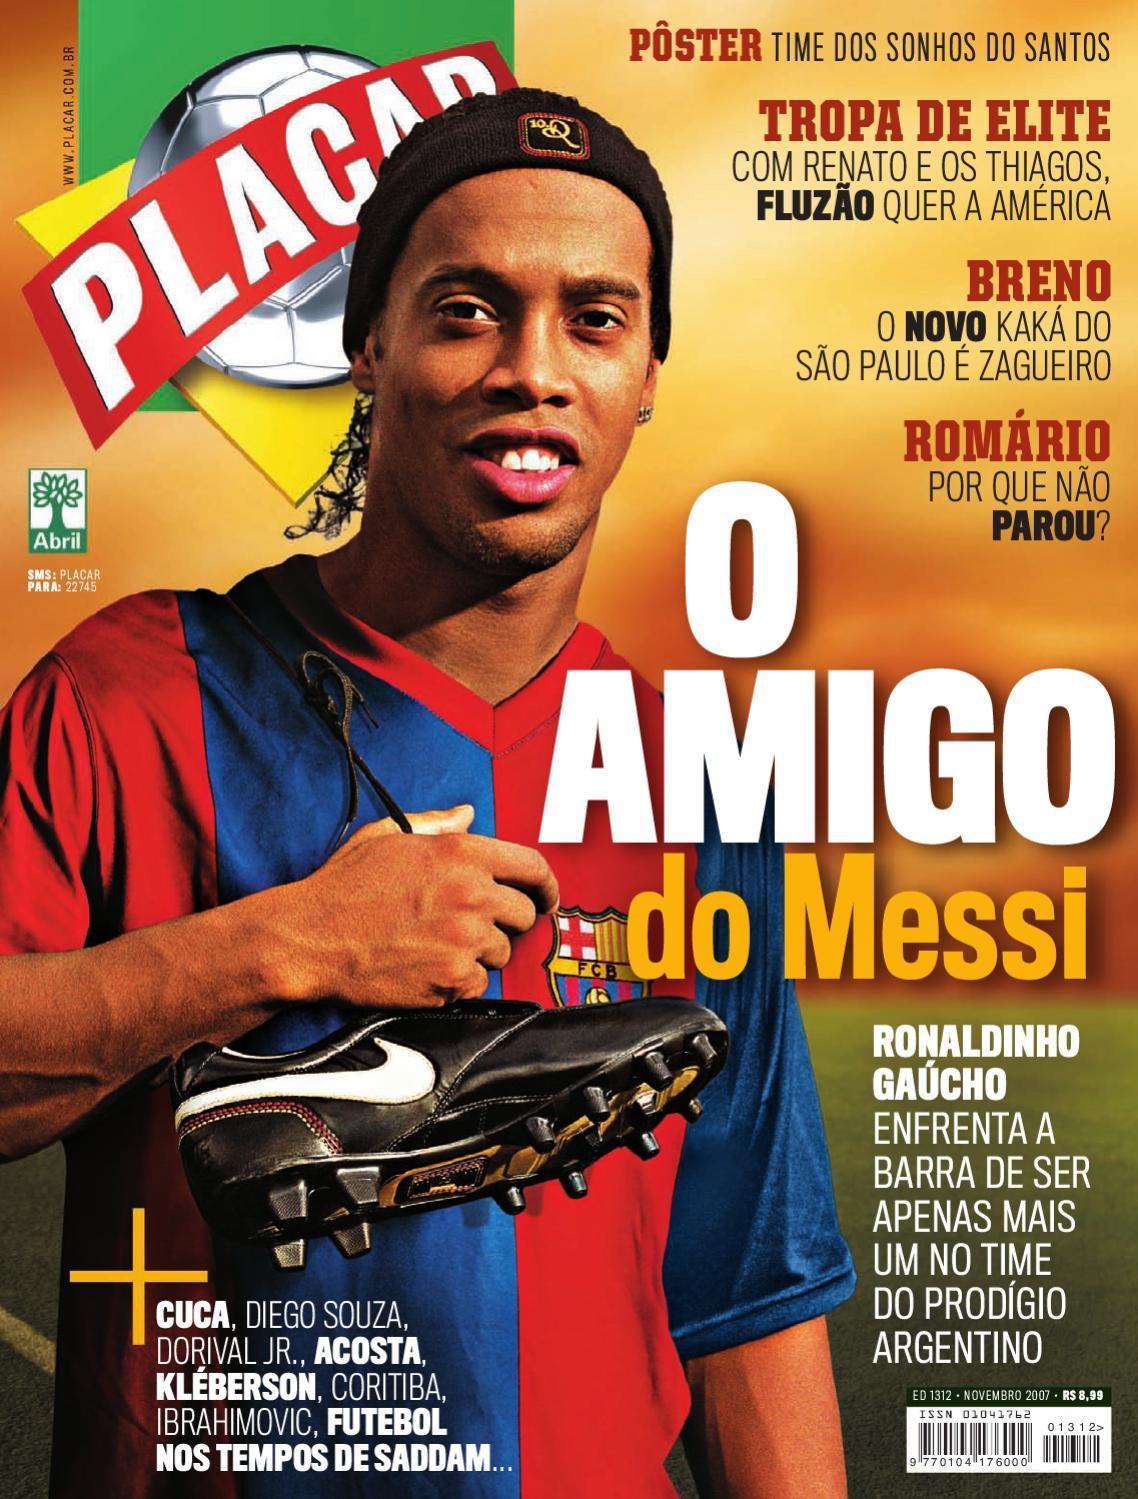 Placar Novembro 2007 by Revista Placar - issuu 65e2a7a1a7104